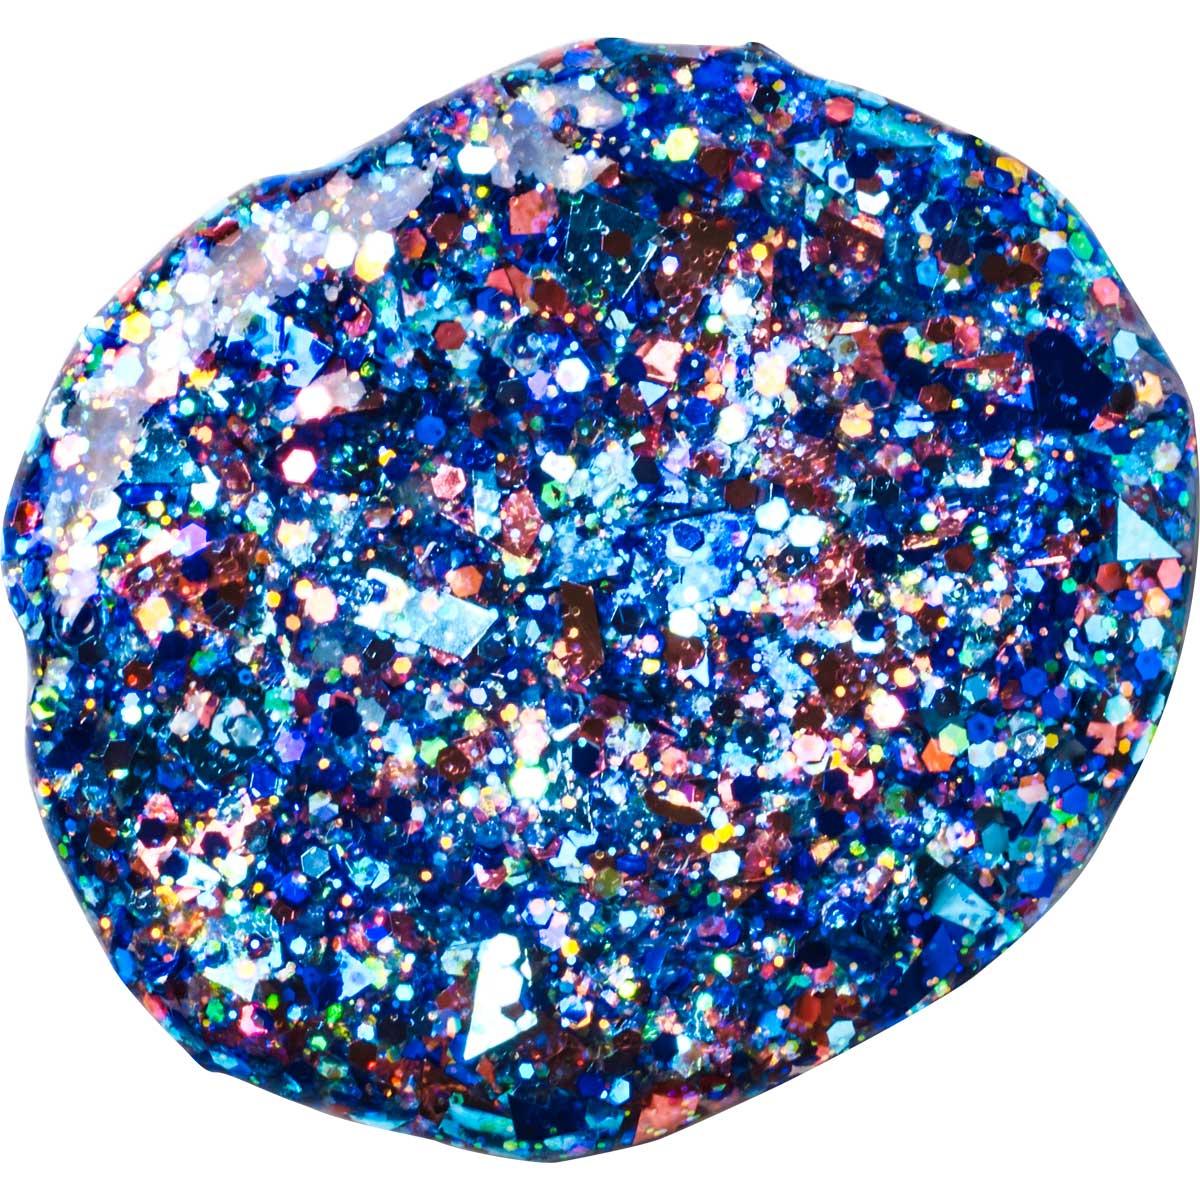 FolkArt ® Glitterific™ Acrylic Paint - Blue Moon, 2 oz. - 5935